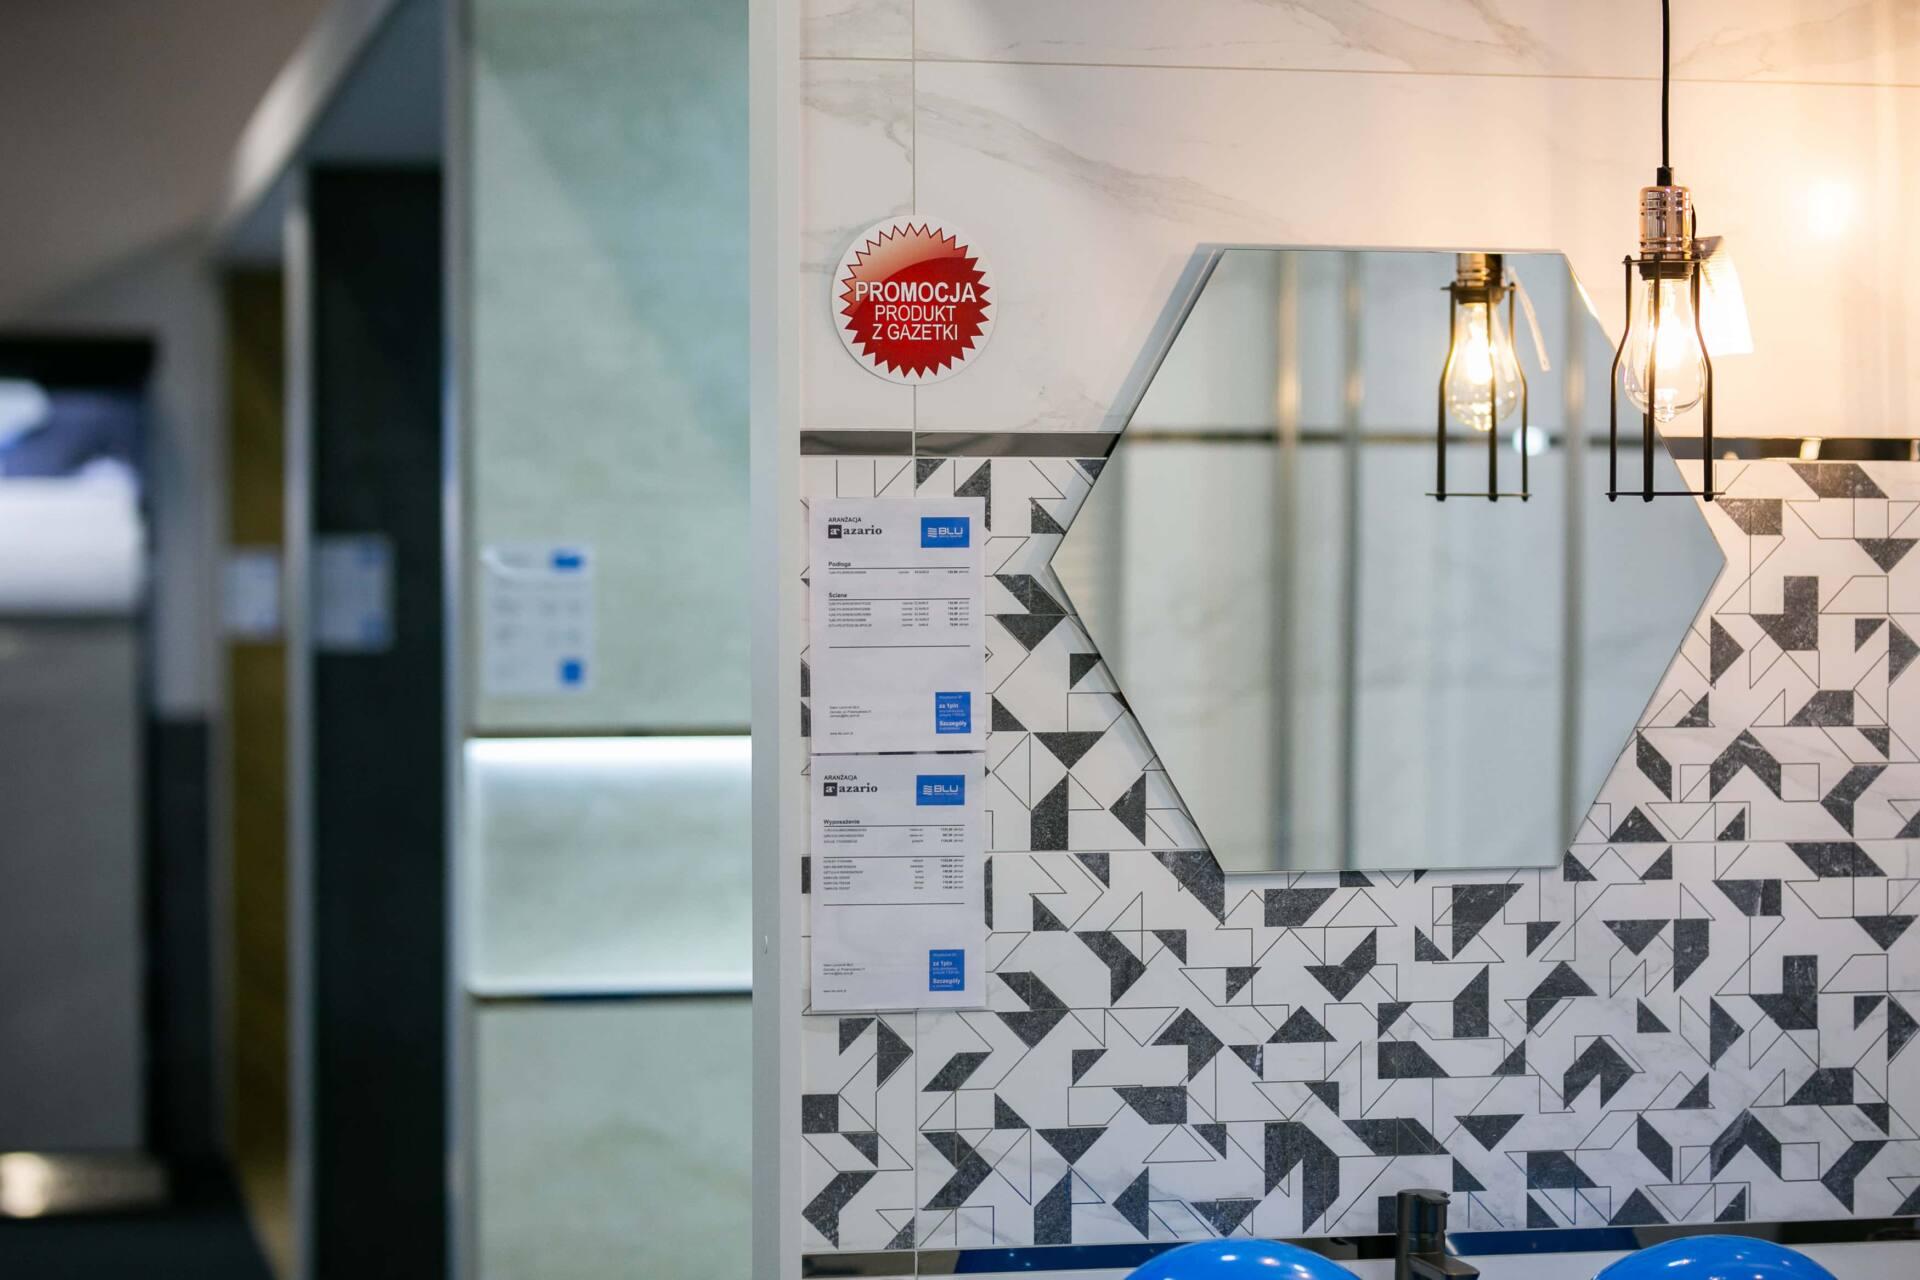 5db 5628 Nowy salon łazienek BLU w Zamościu już otwarty! Publikujemy 80 zdjęć